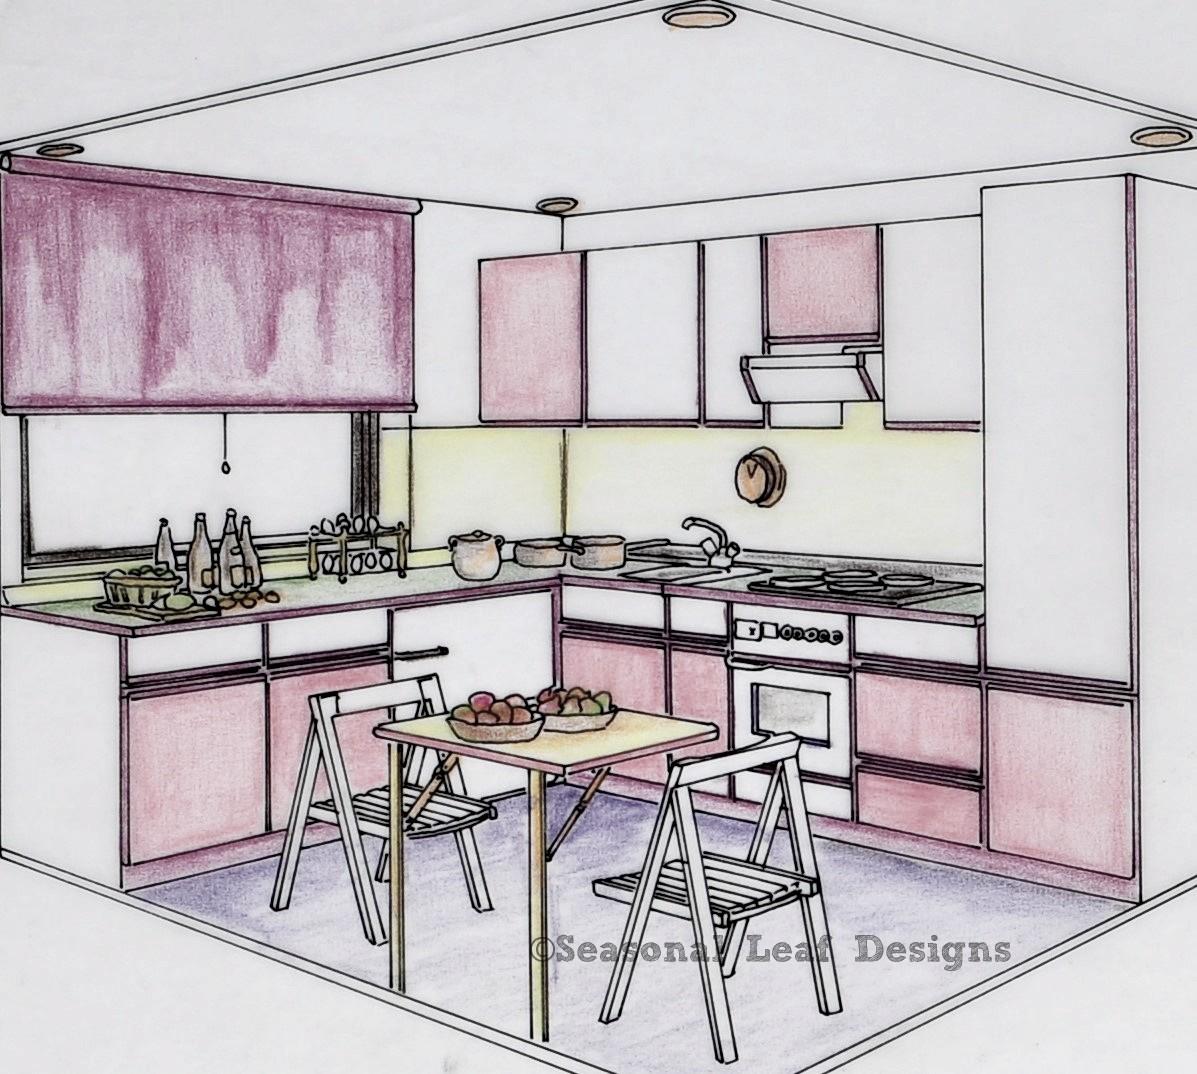 Kitchen3_1.jpg